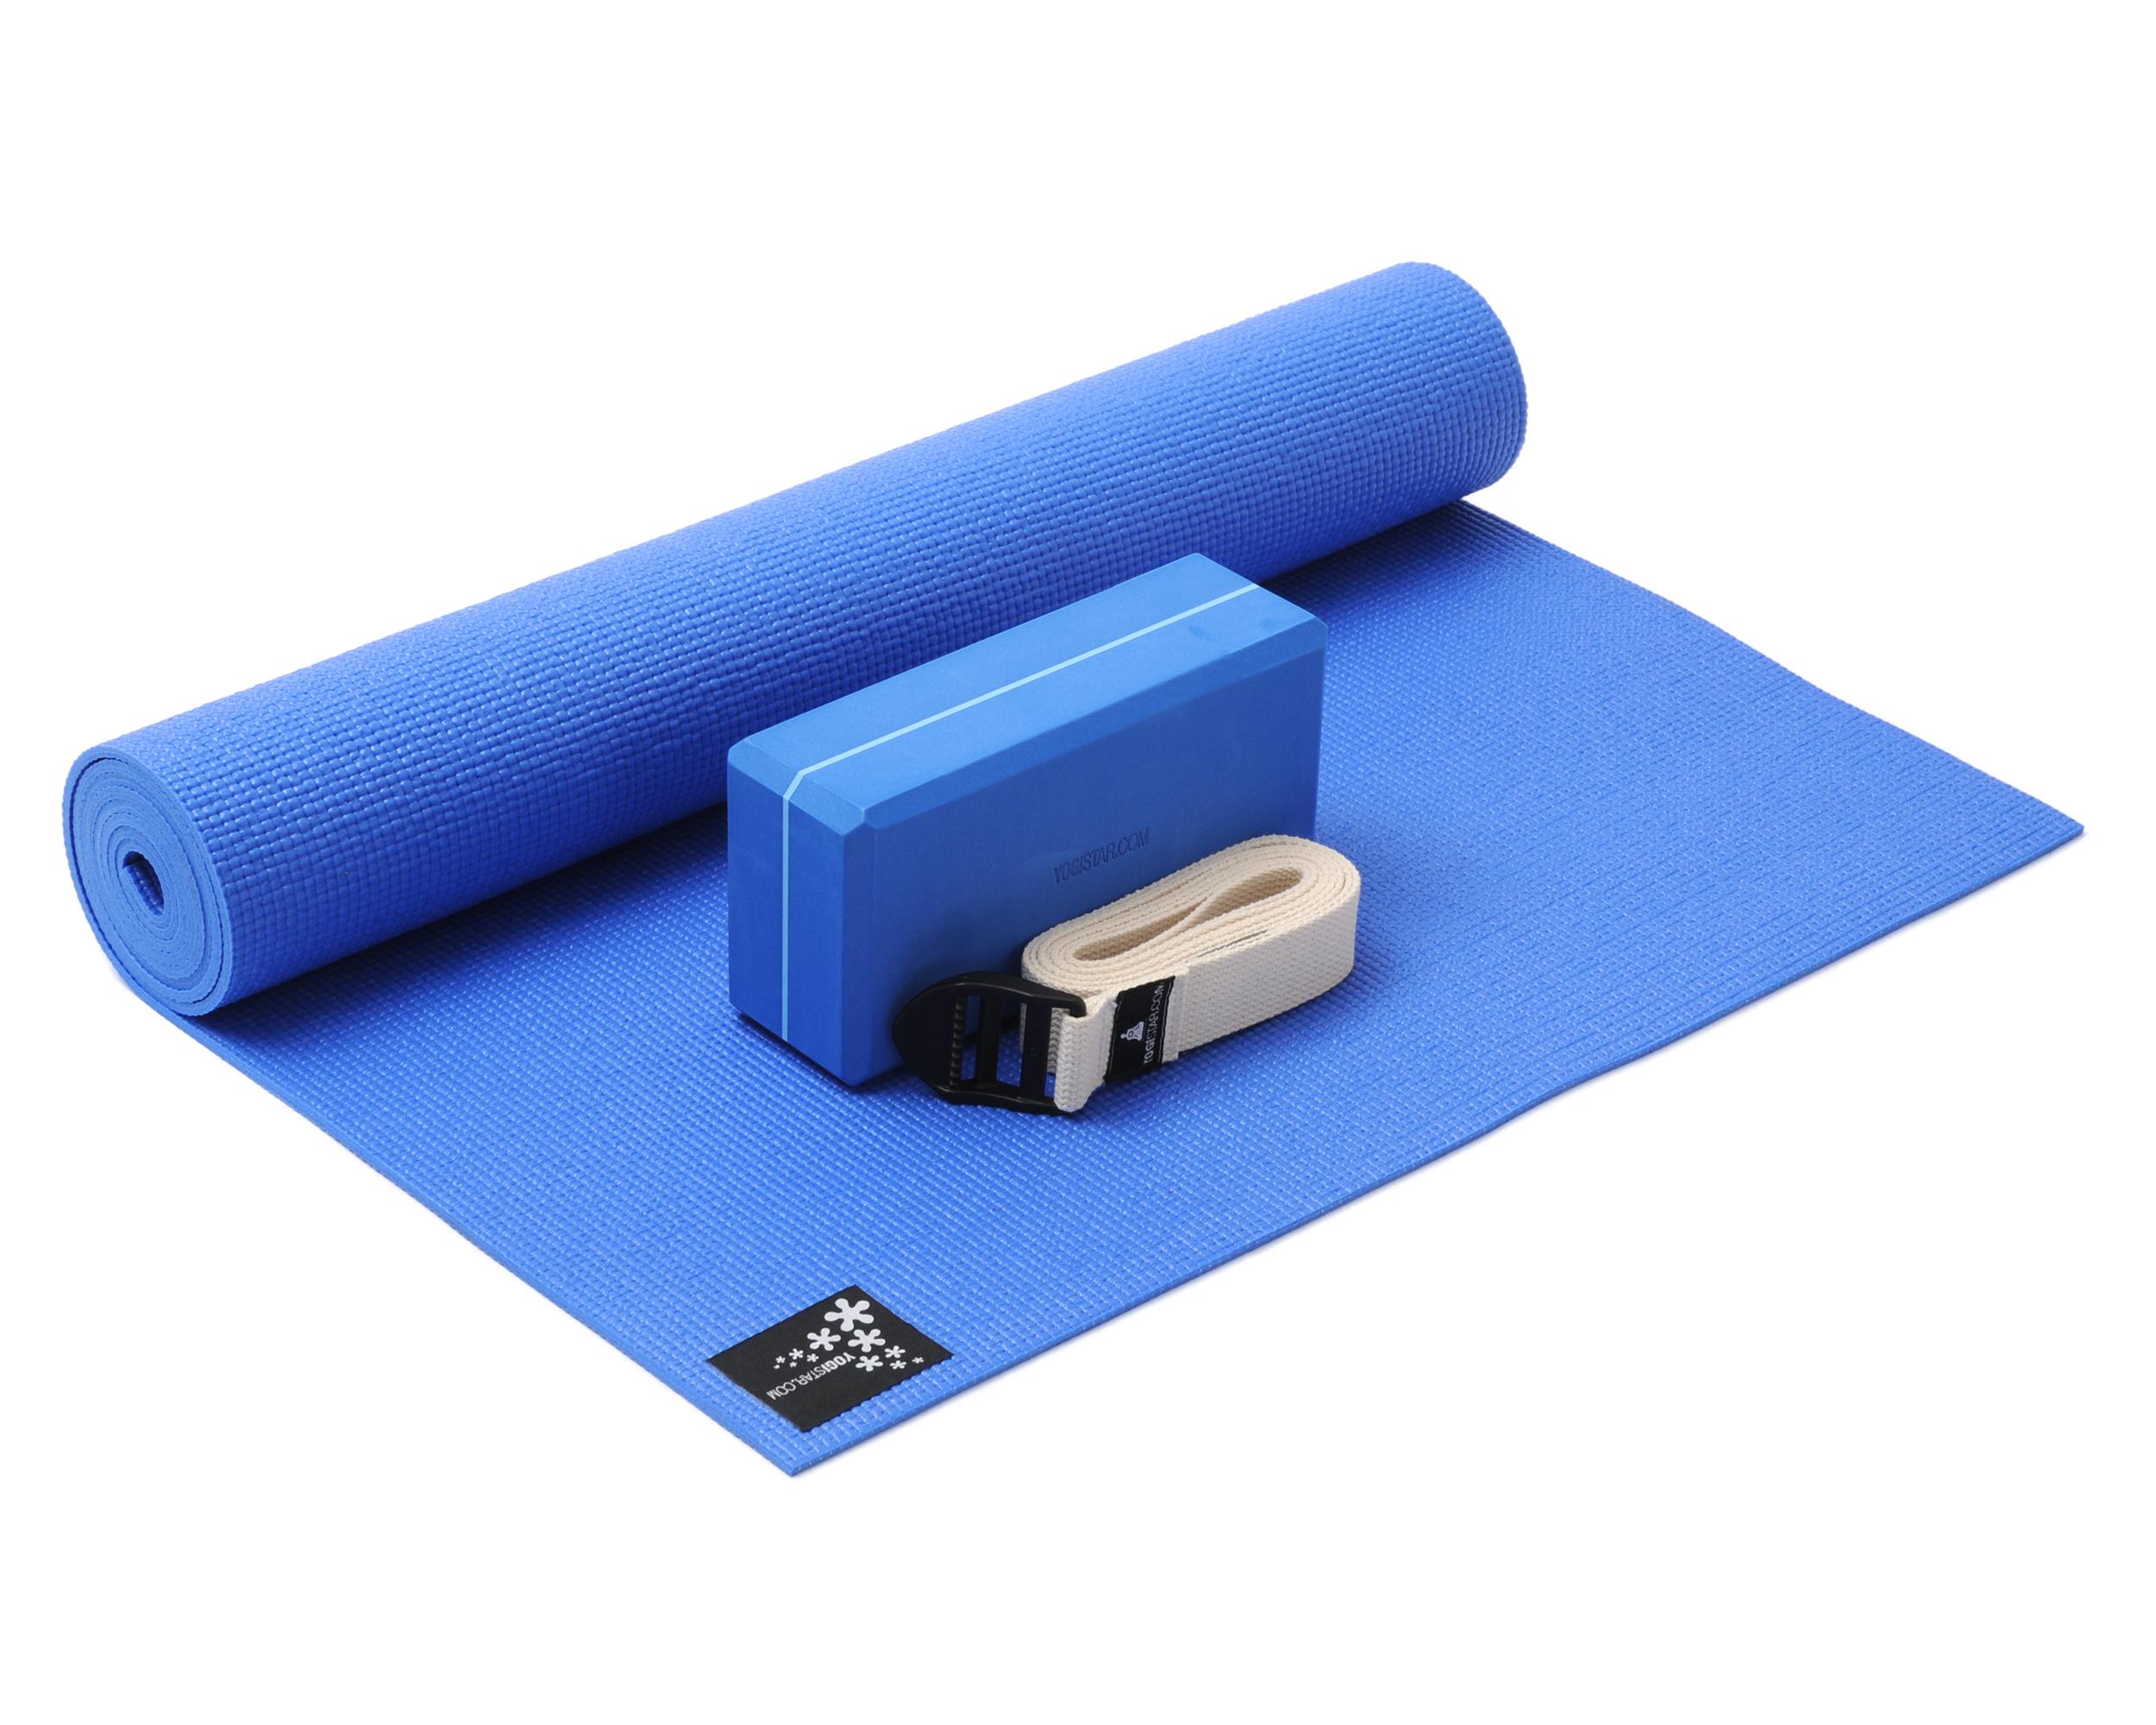 Yoga-Set kick it - one (Yogamatte + Yogablock + Yogagurt)